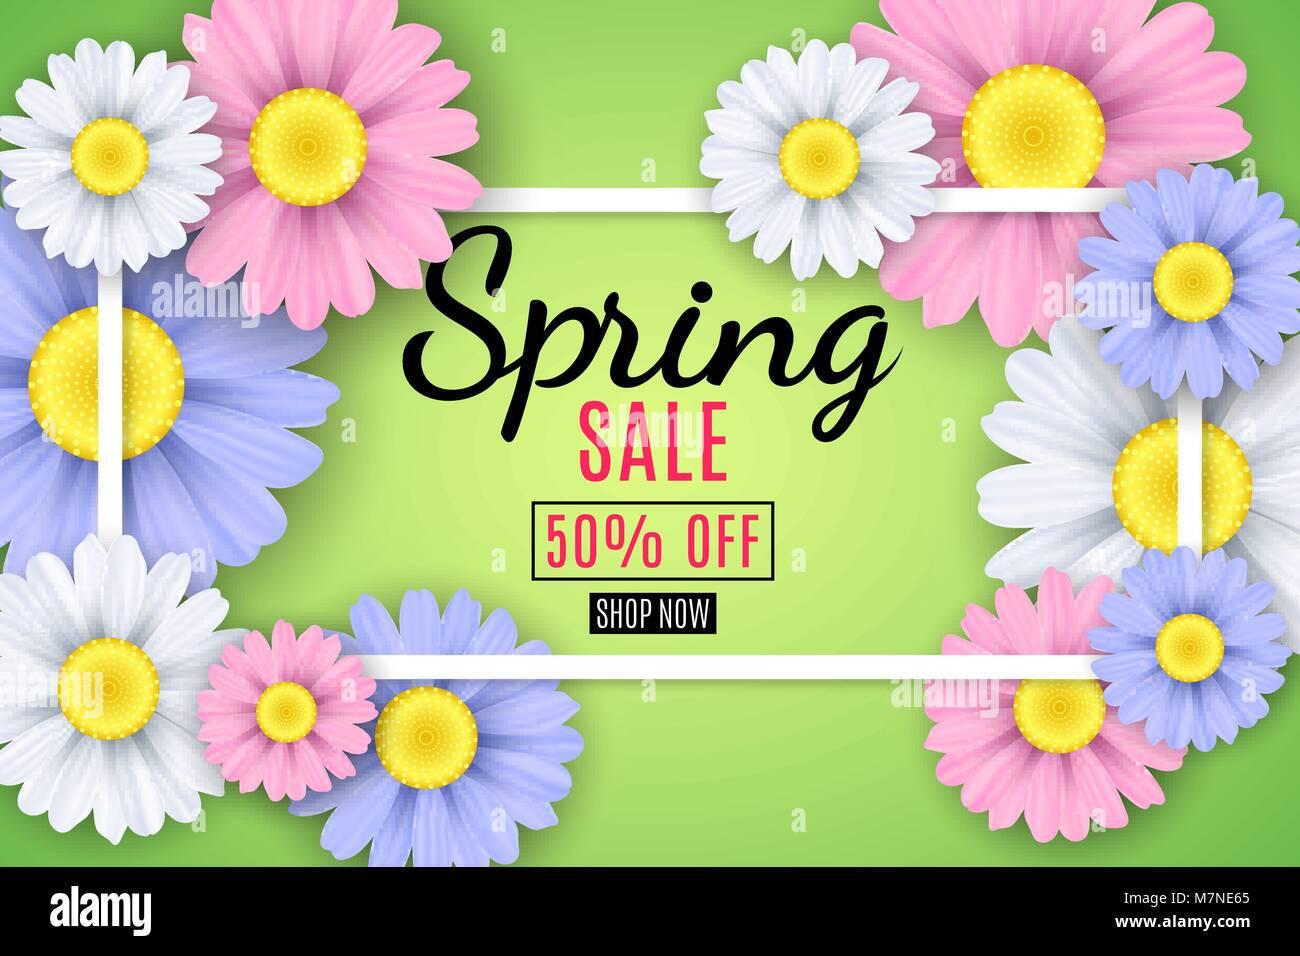 Frühling Verkauf Banner. Quadratische weiße Rahmen. Mehrfarbigen ...